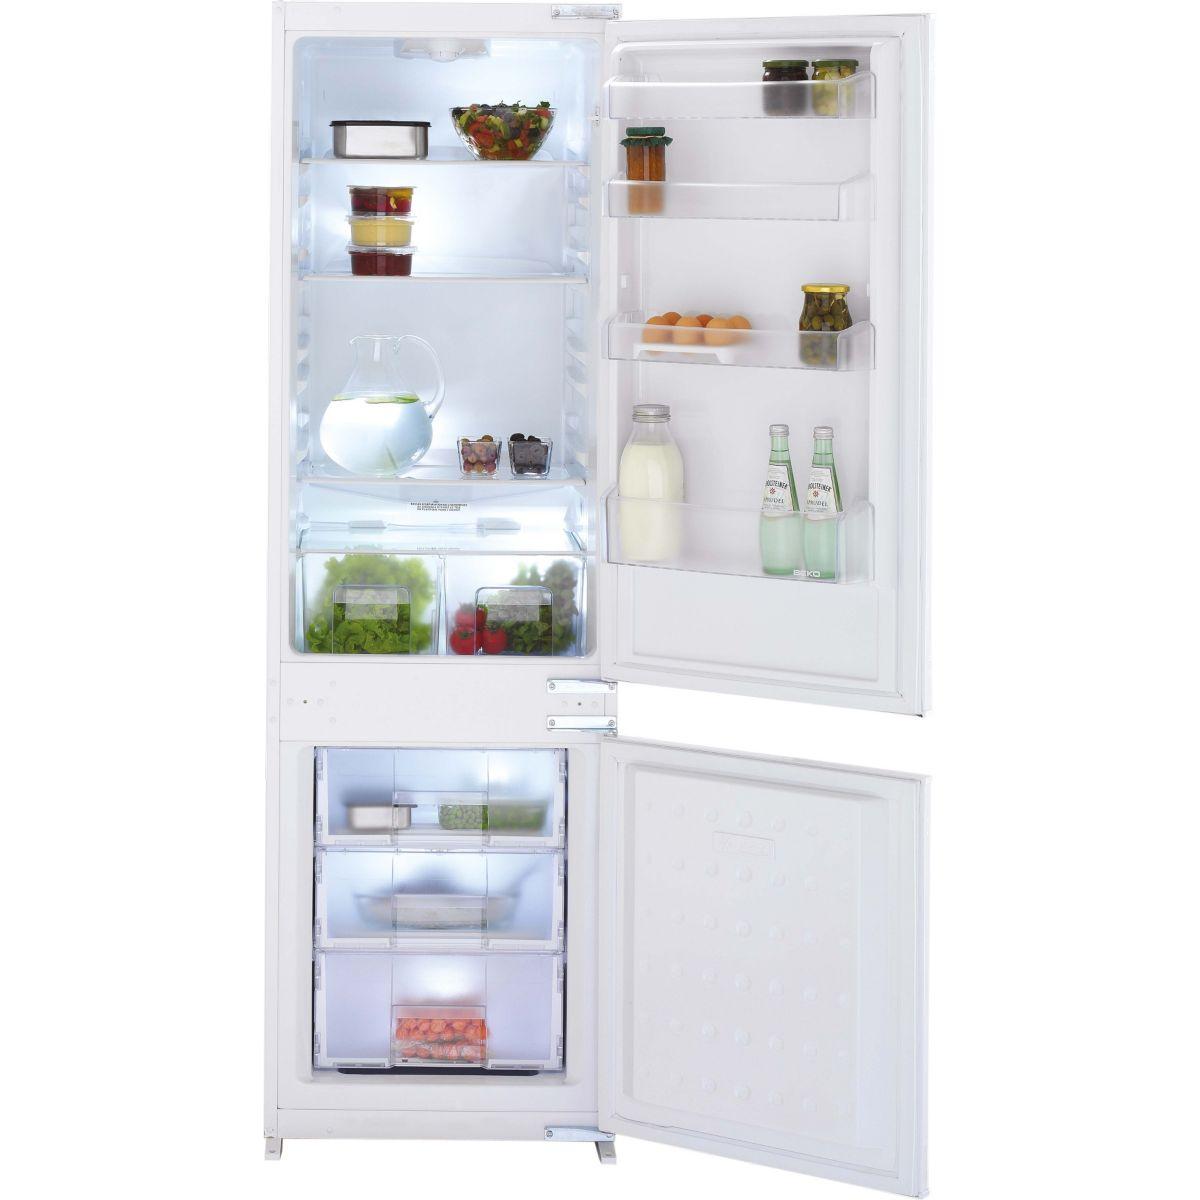 Réfrigérateur combiné encastrable BEKO SCRC771ASS